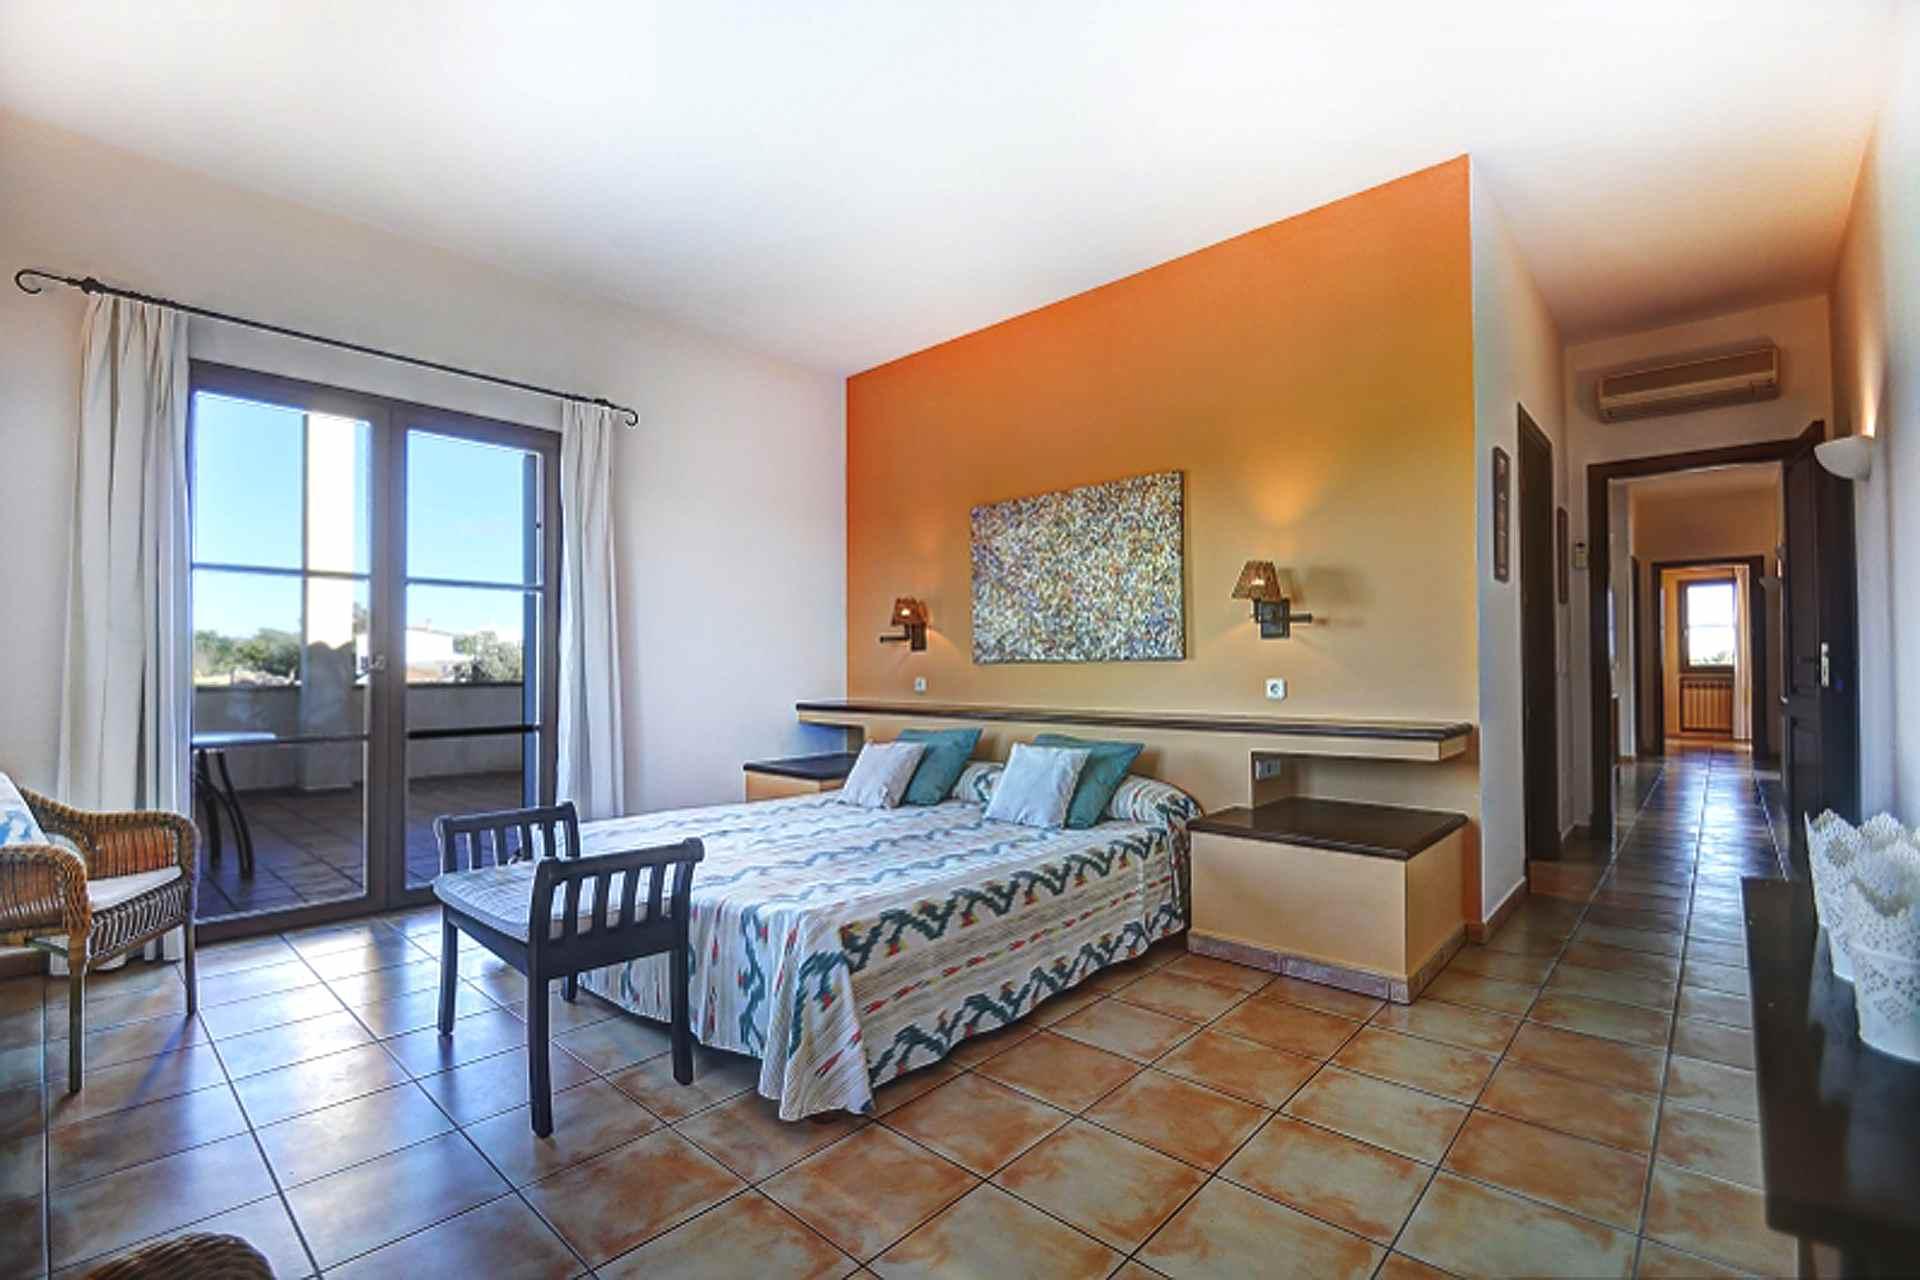 01-38 Mallorquinische Finca Mallorca Osten Bild 19